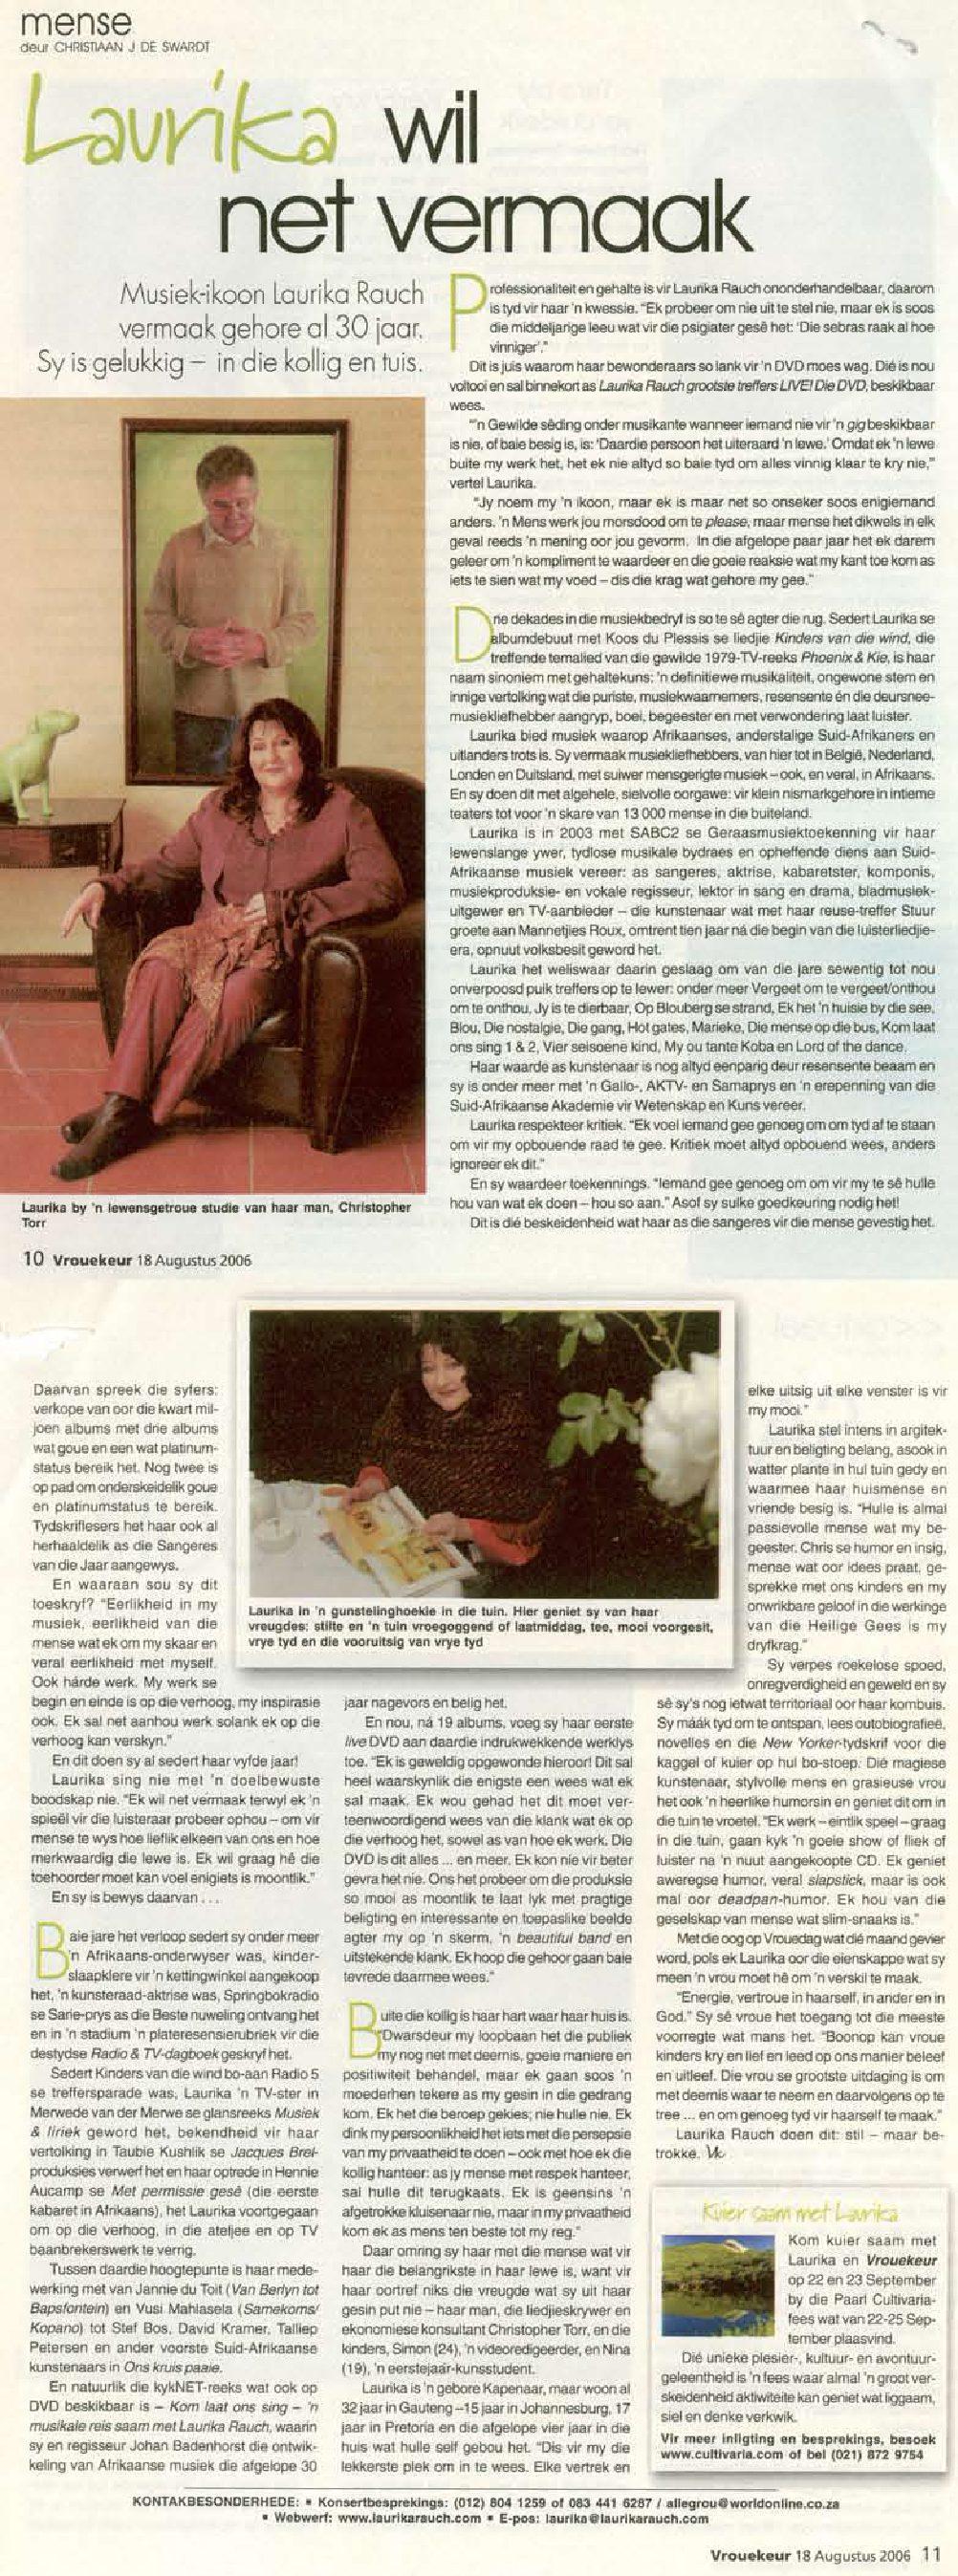 2006-vrouekeur-wil-net-vermaak